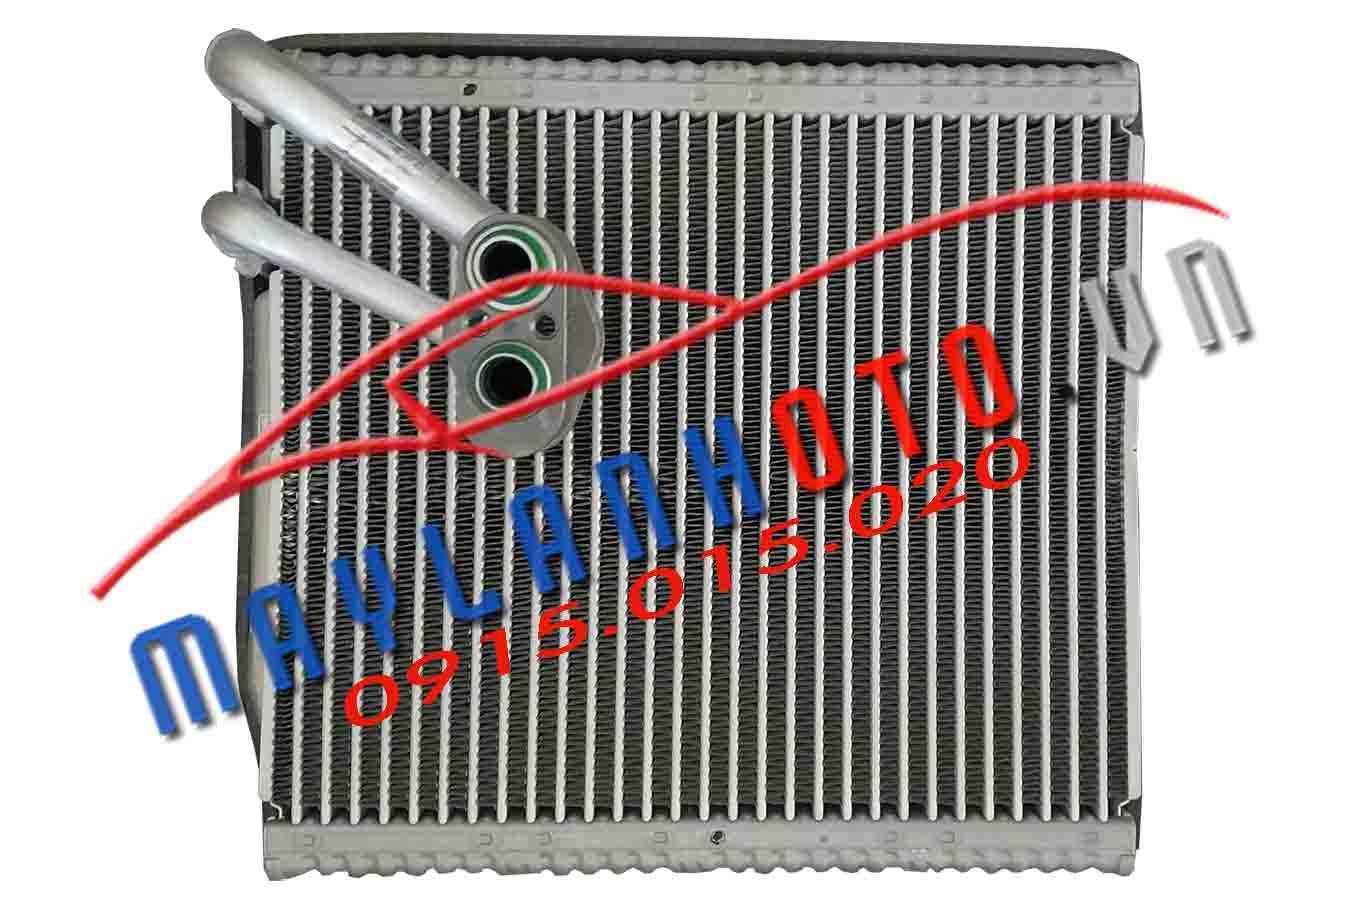 Hyundai Elantra 16 / Dàn lạnh Hyundai Elantra 2016 / Giàn lạnh Hyundai Elantra 2016